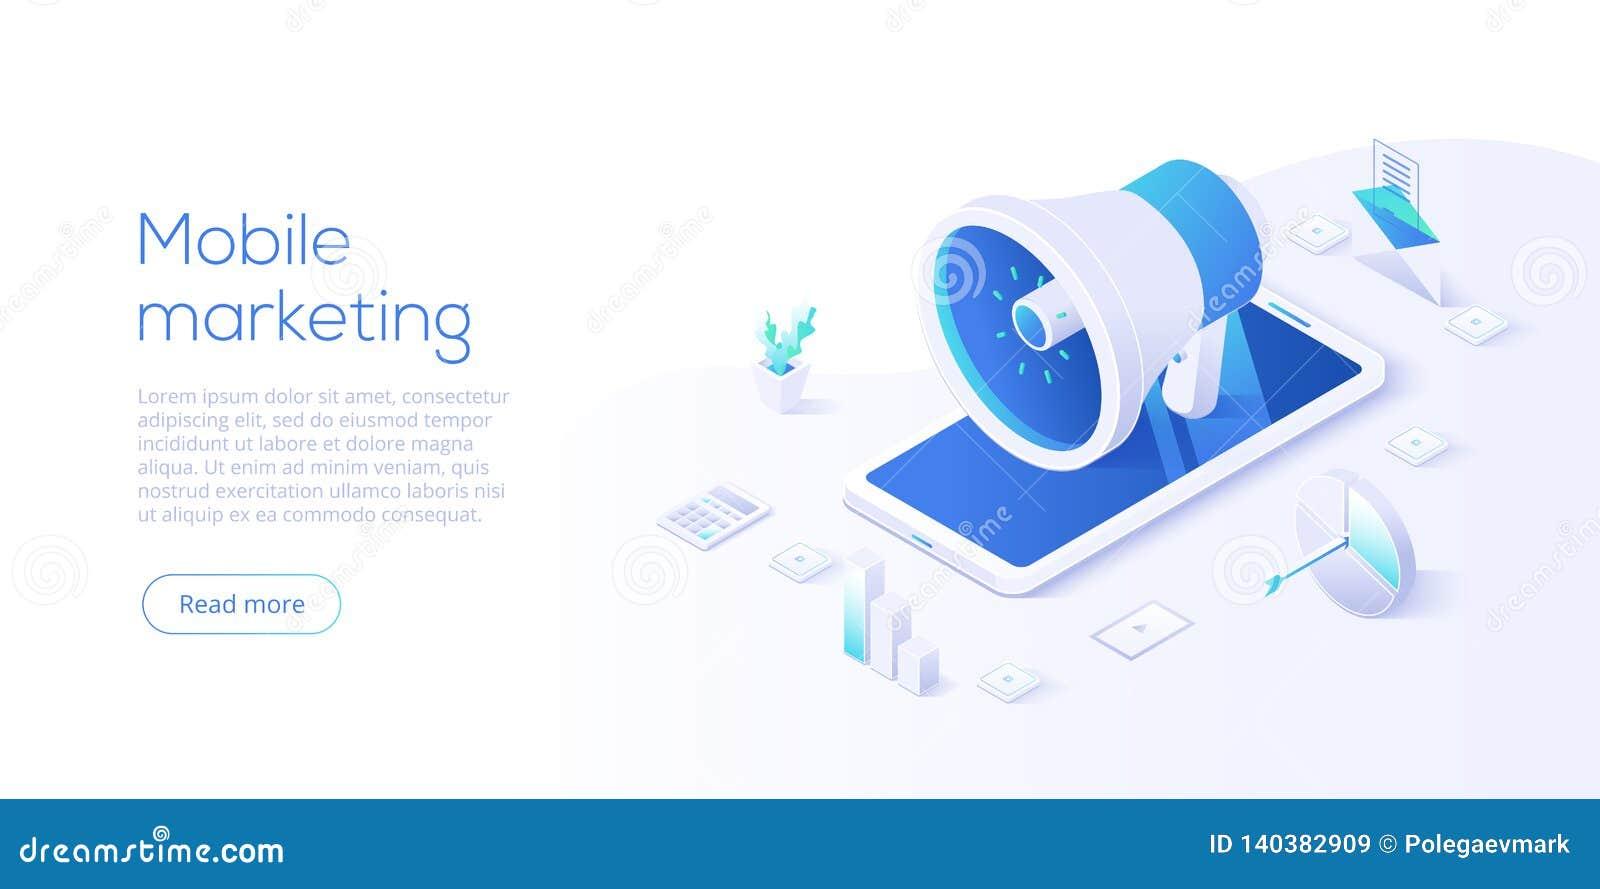 Κινητή διανυσματική επιχειρησιακή απεικόνιση μάρκετινγκ στο isometric σχέδιο Σε απευθείας σύνδεση έννοια προώθησης Διαδικτύου με